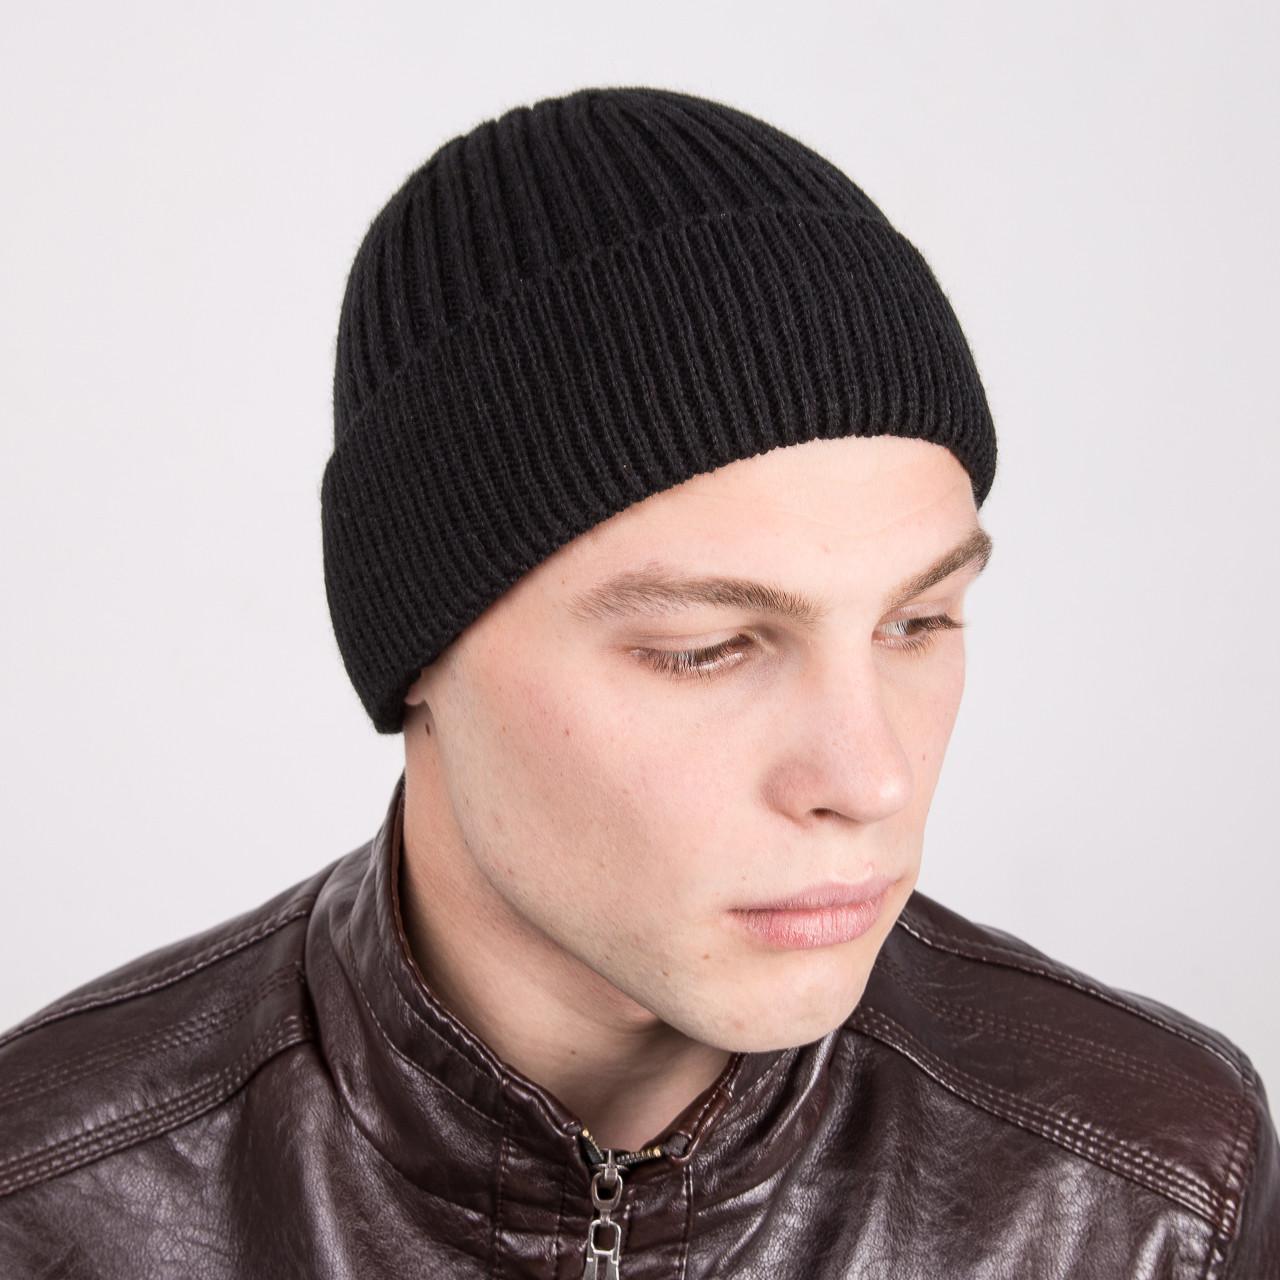 Вязаная зимняя мужская шапка 2016 - Артикул m1b